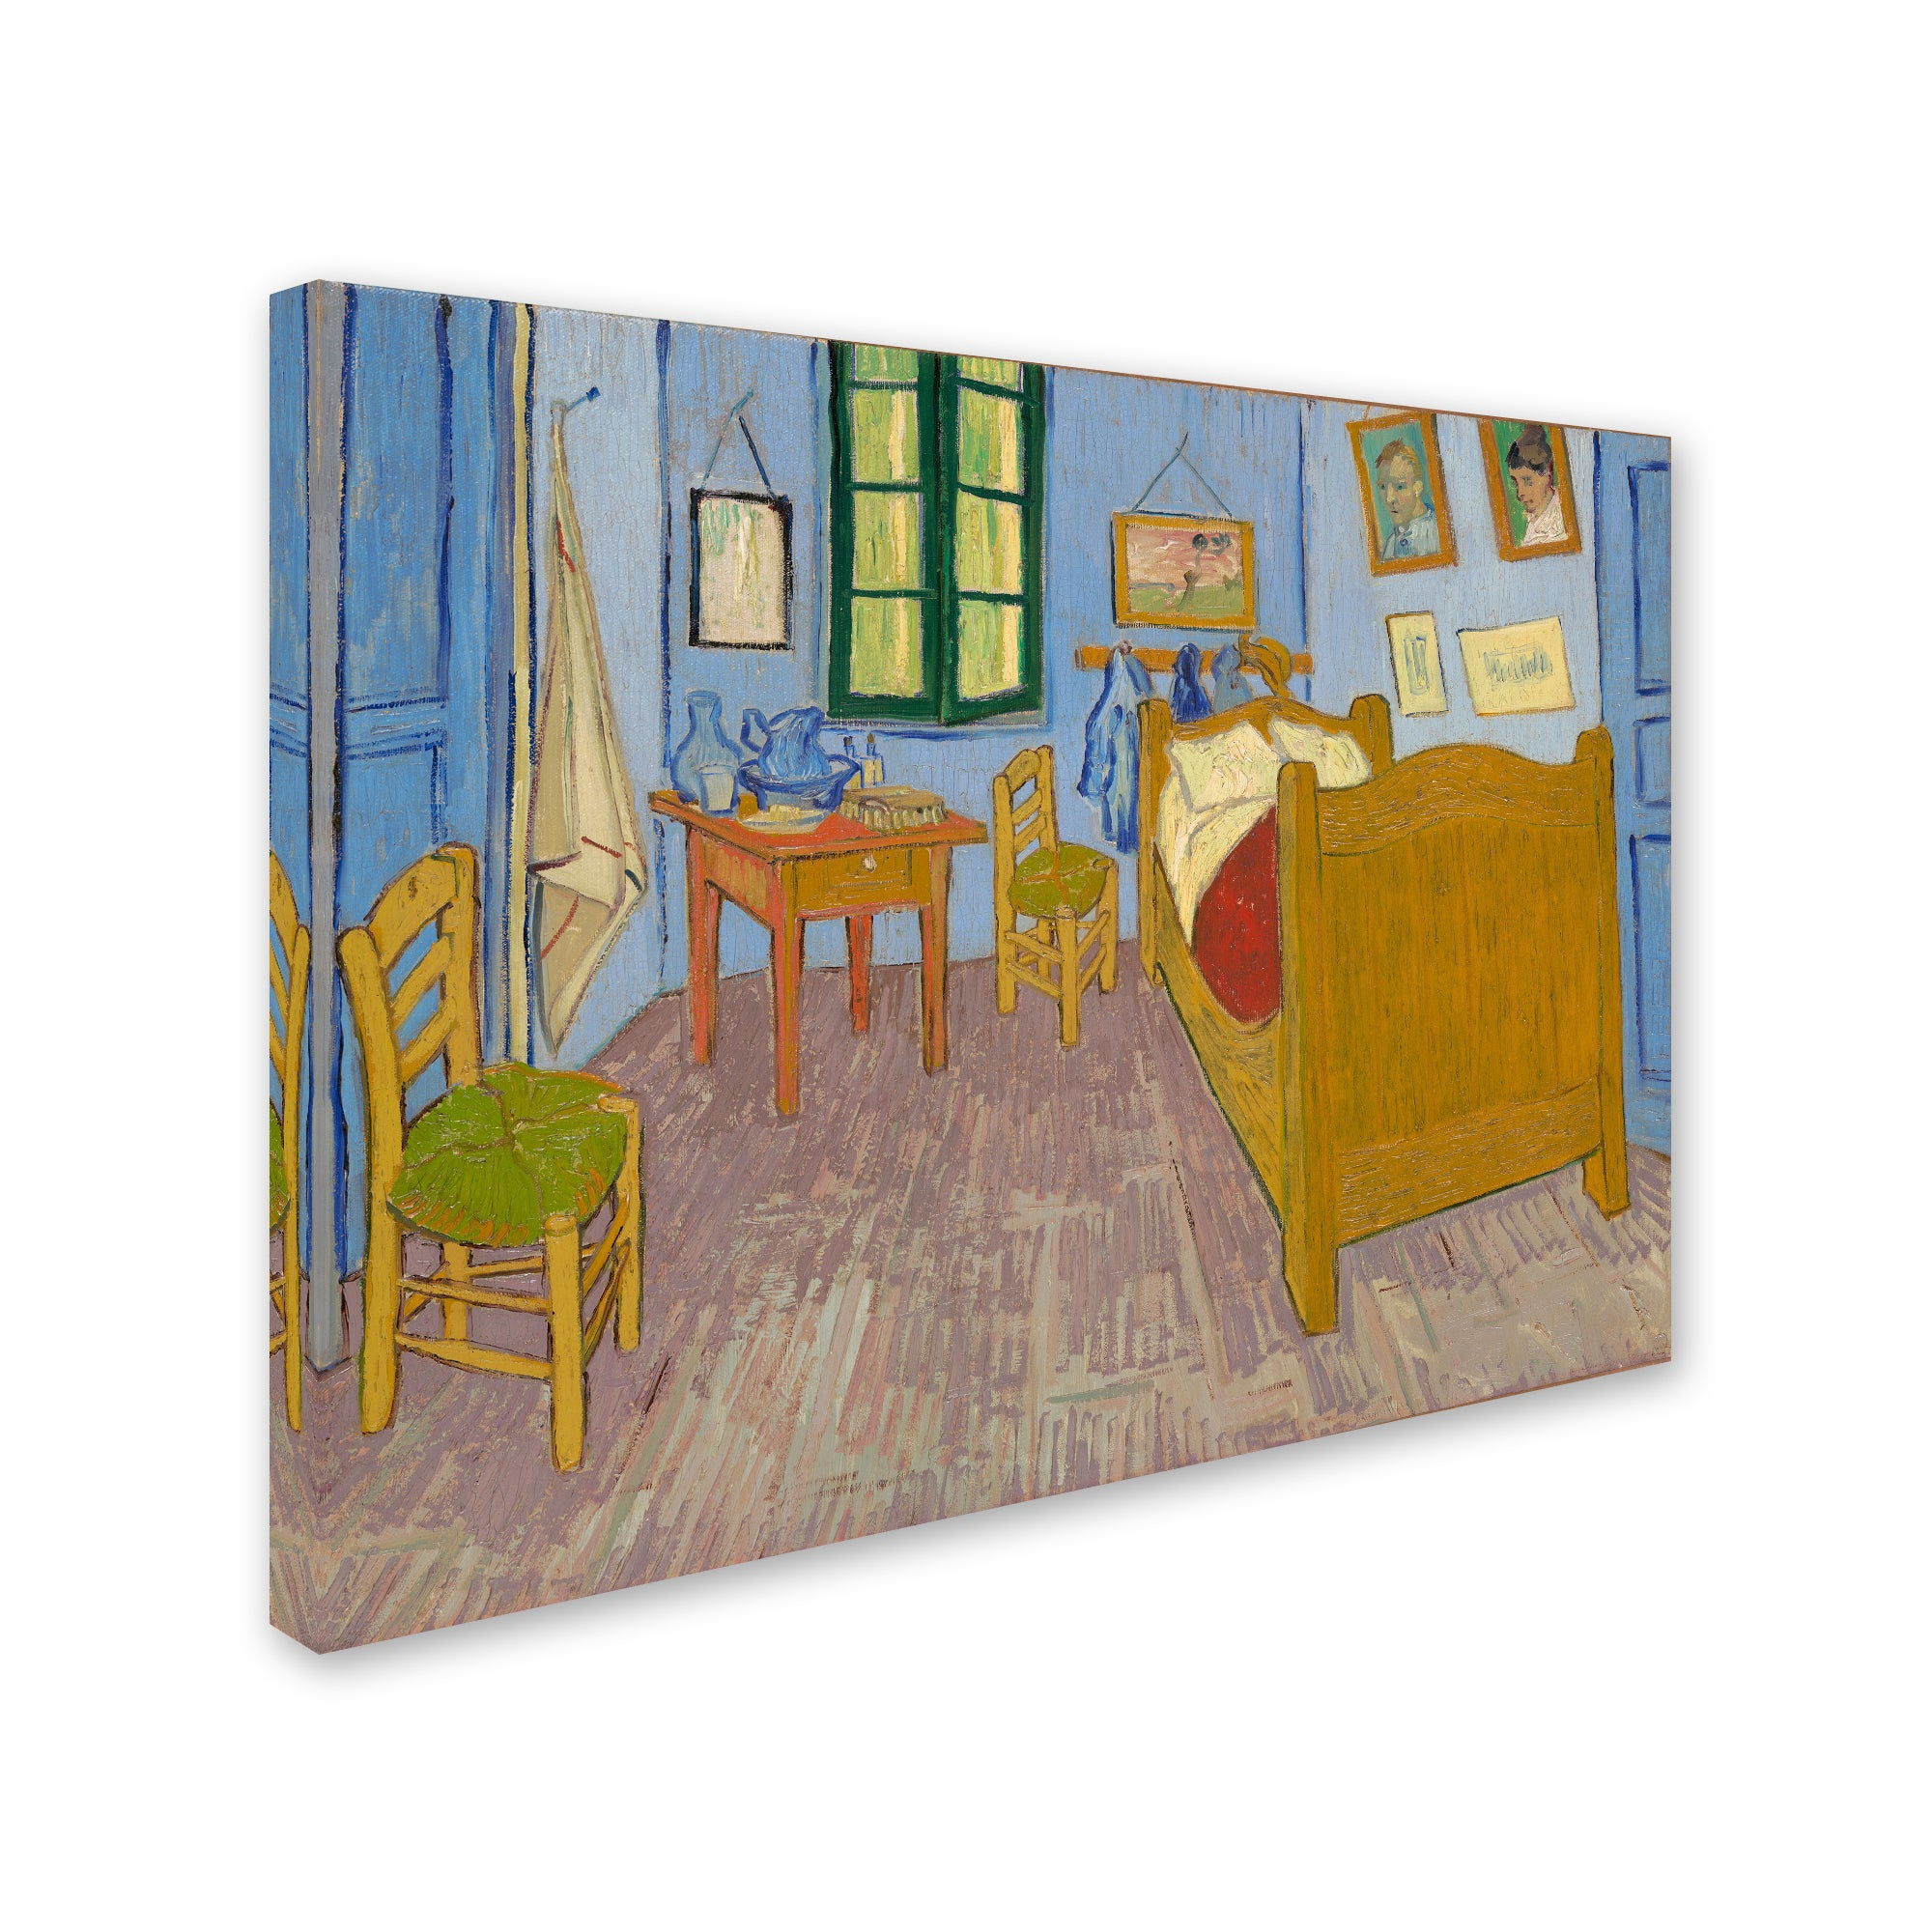 2000x2000 shop vincent van gogh 'van gogh's bedroom